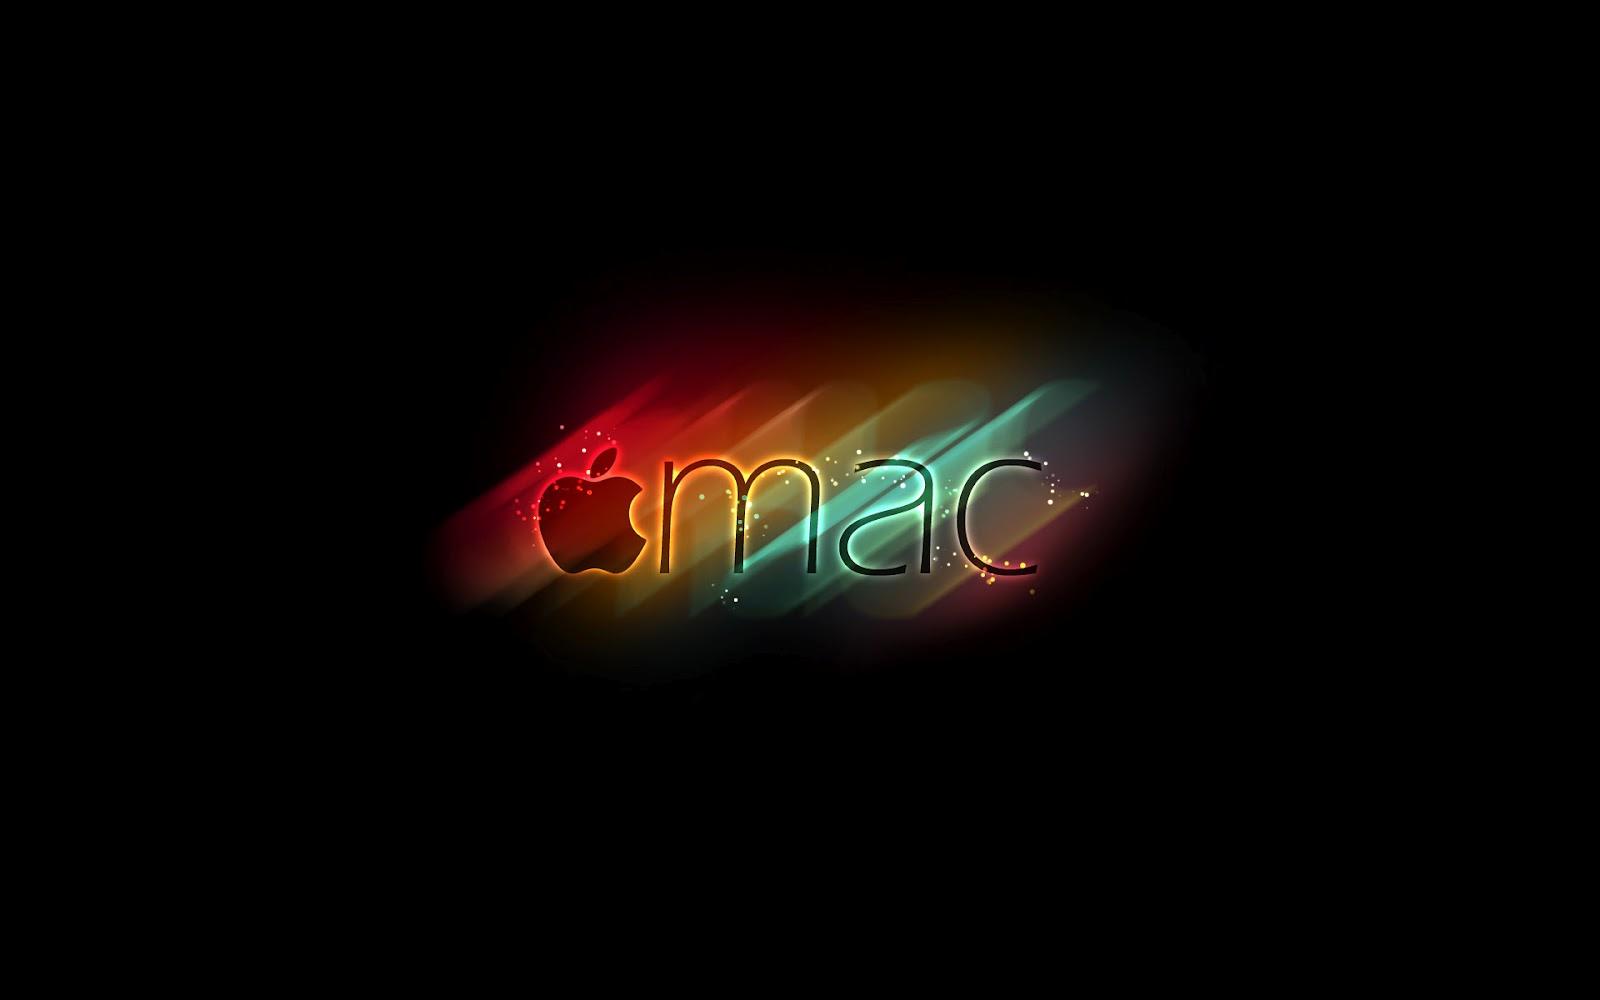 wallpaper hd apple mac wallpaper hd apple mac wallpaper hd 1600x1000